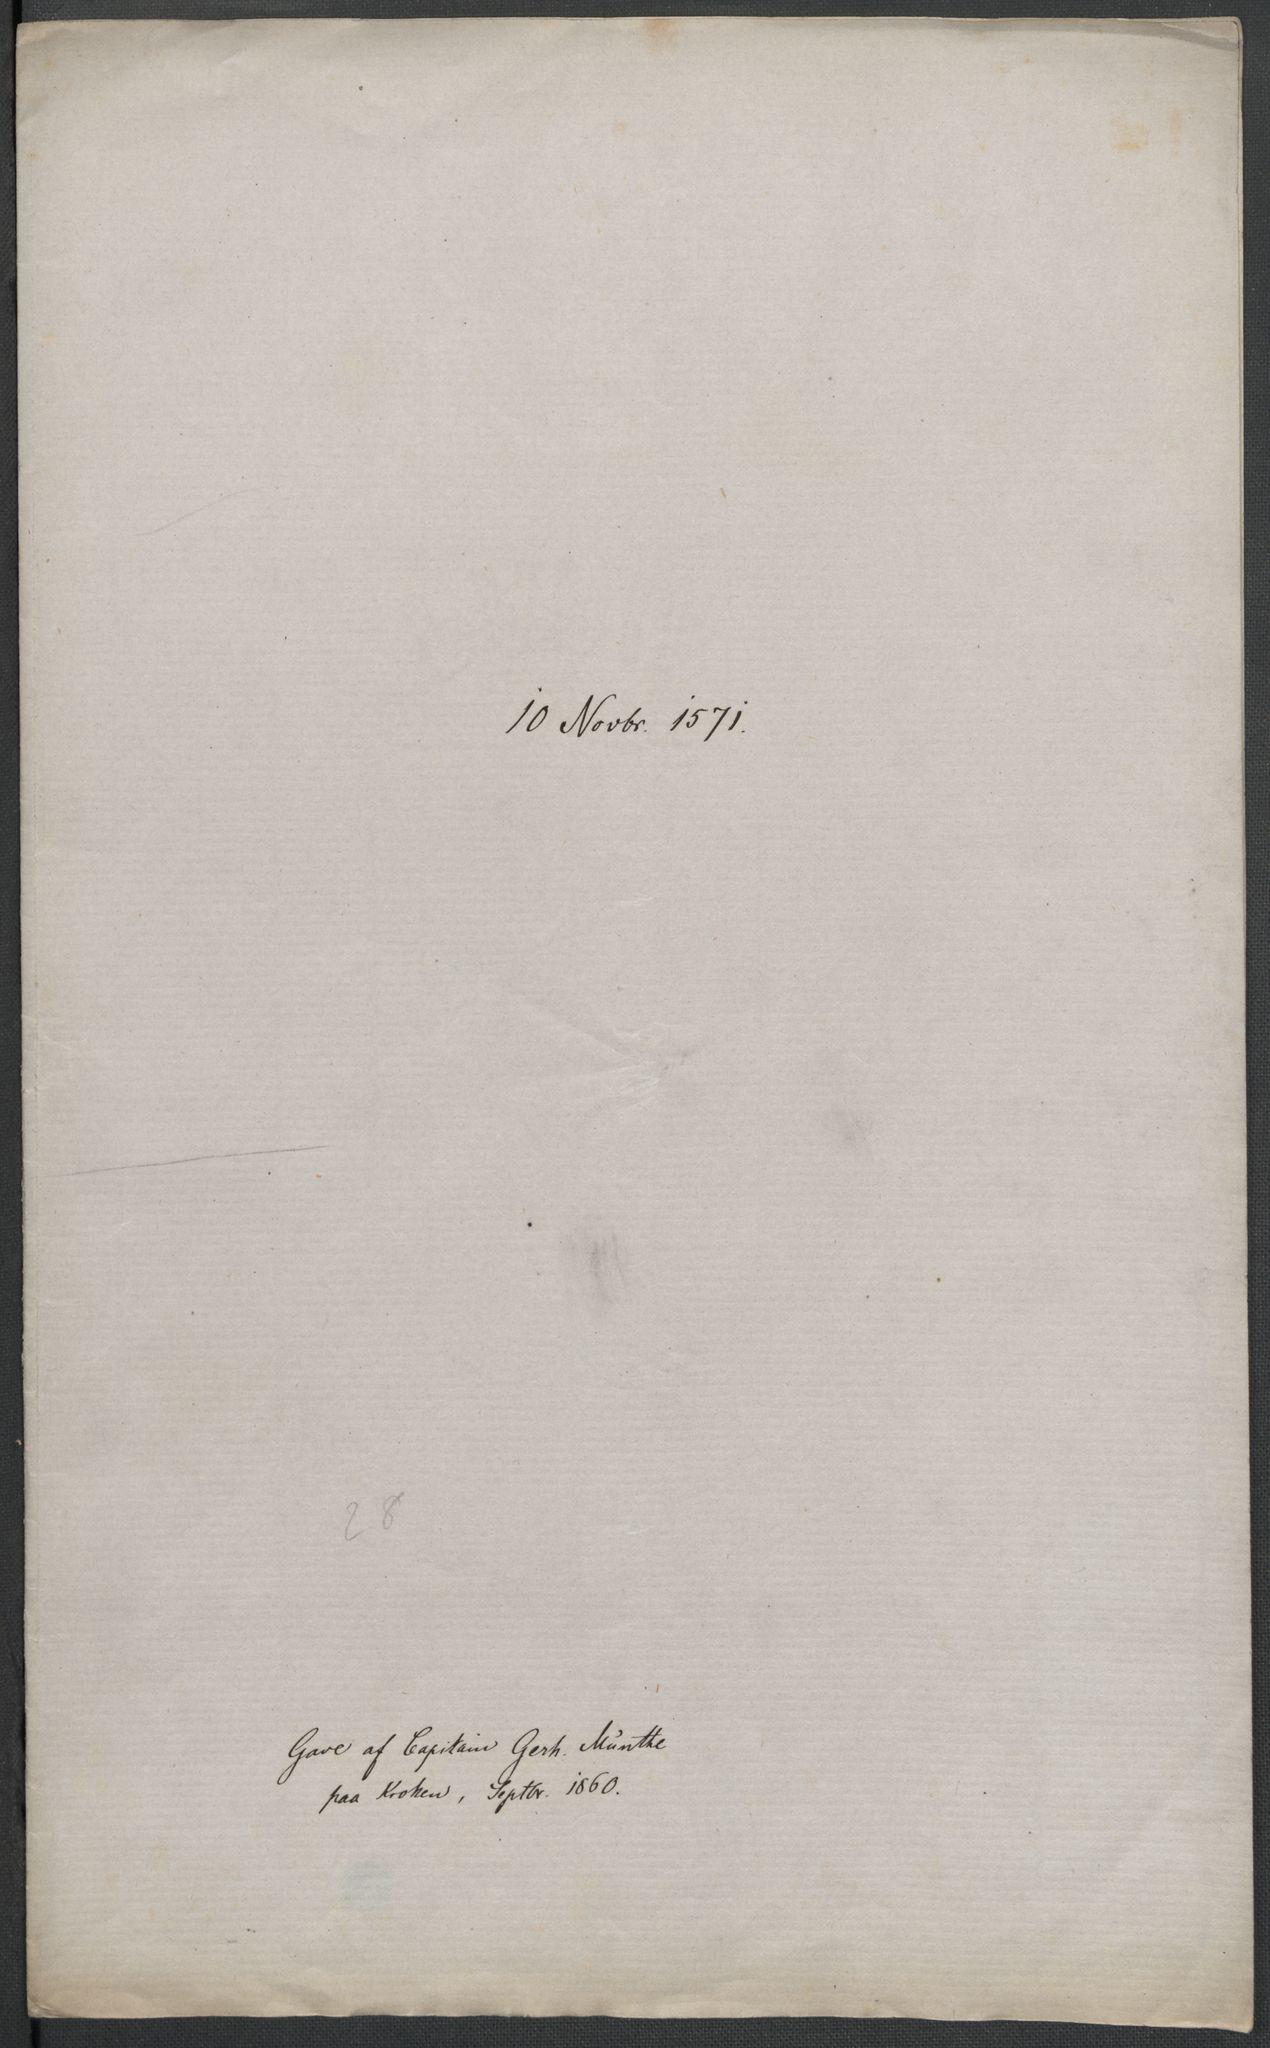 RA, Riksarkivets diplomsamling, F02/L0075: Dokumenter, 1570-1571, s. 72